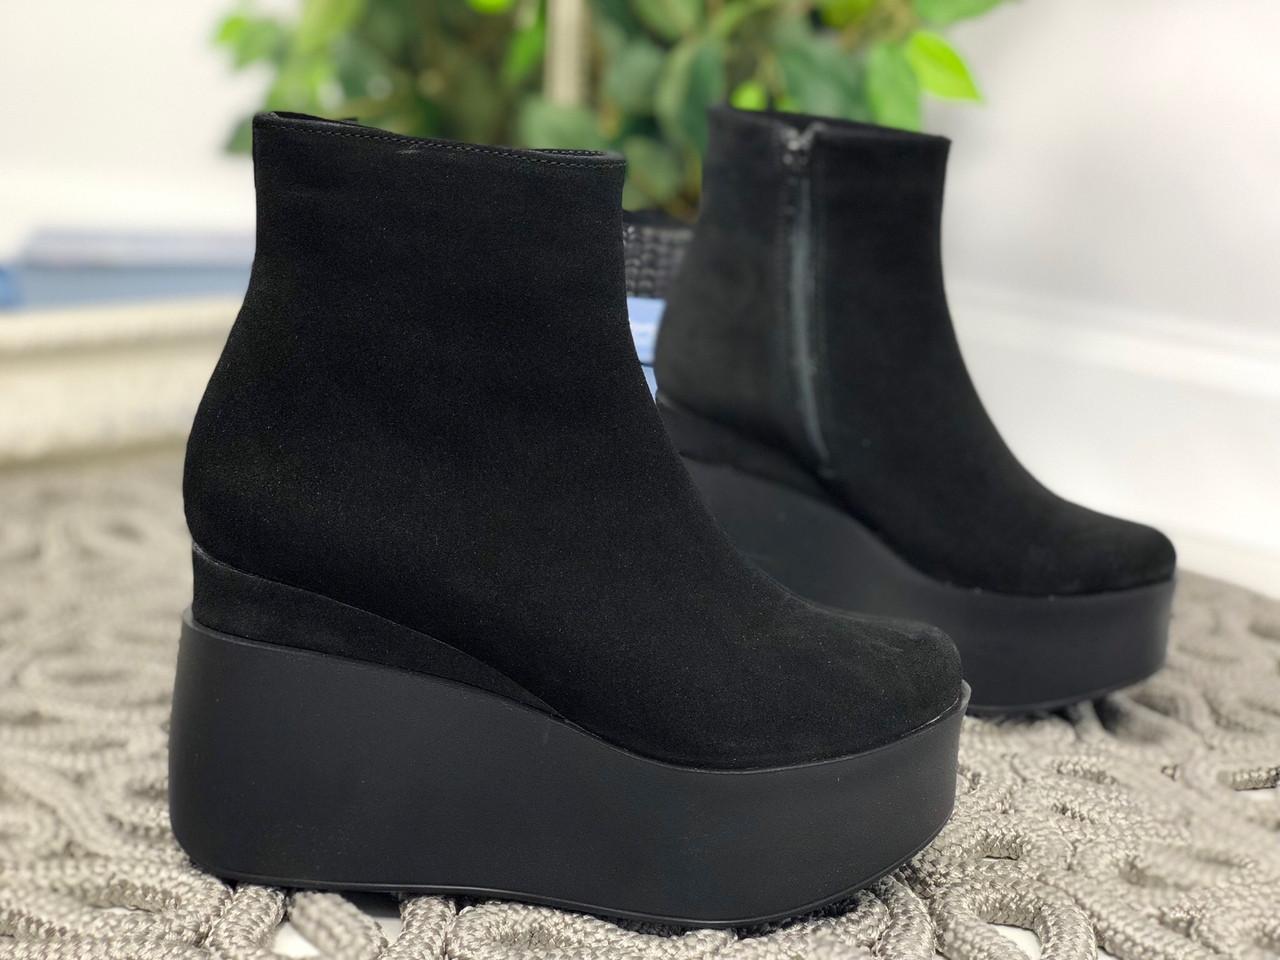 38 р. Ботинки женские деми черные замшевые, демисезонные, из натуральной замши,натуральная замша